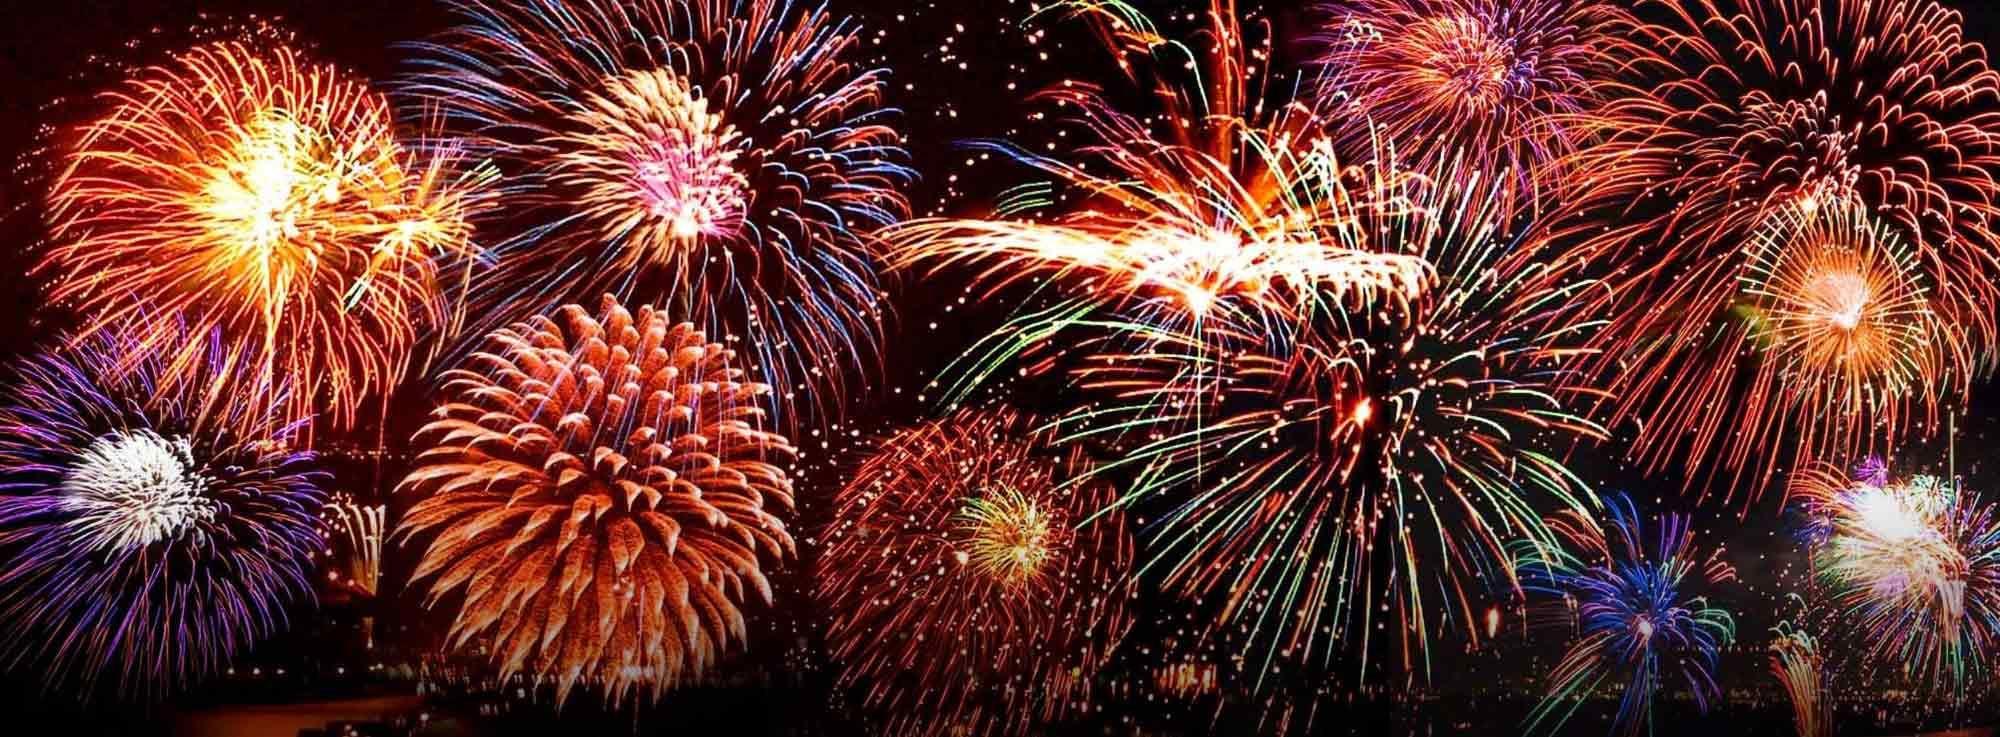 San Severo: Festival Nazionale Fuochi d'Artificio e Batterie alla Bolognese